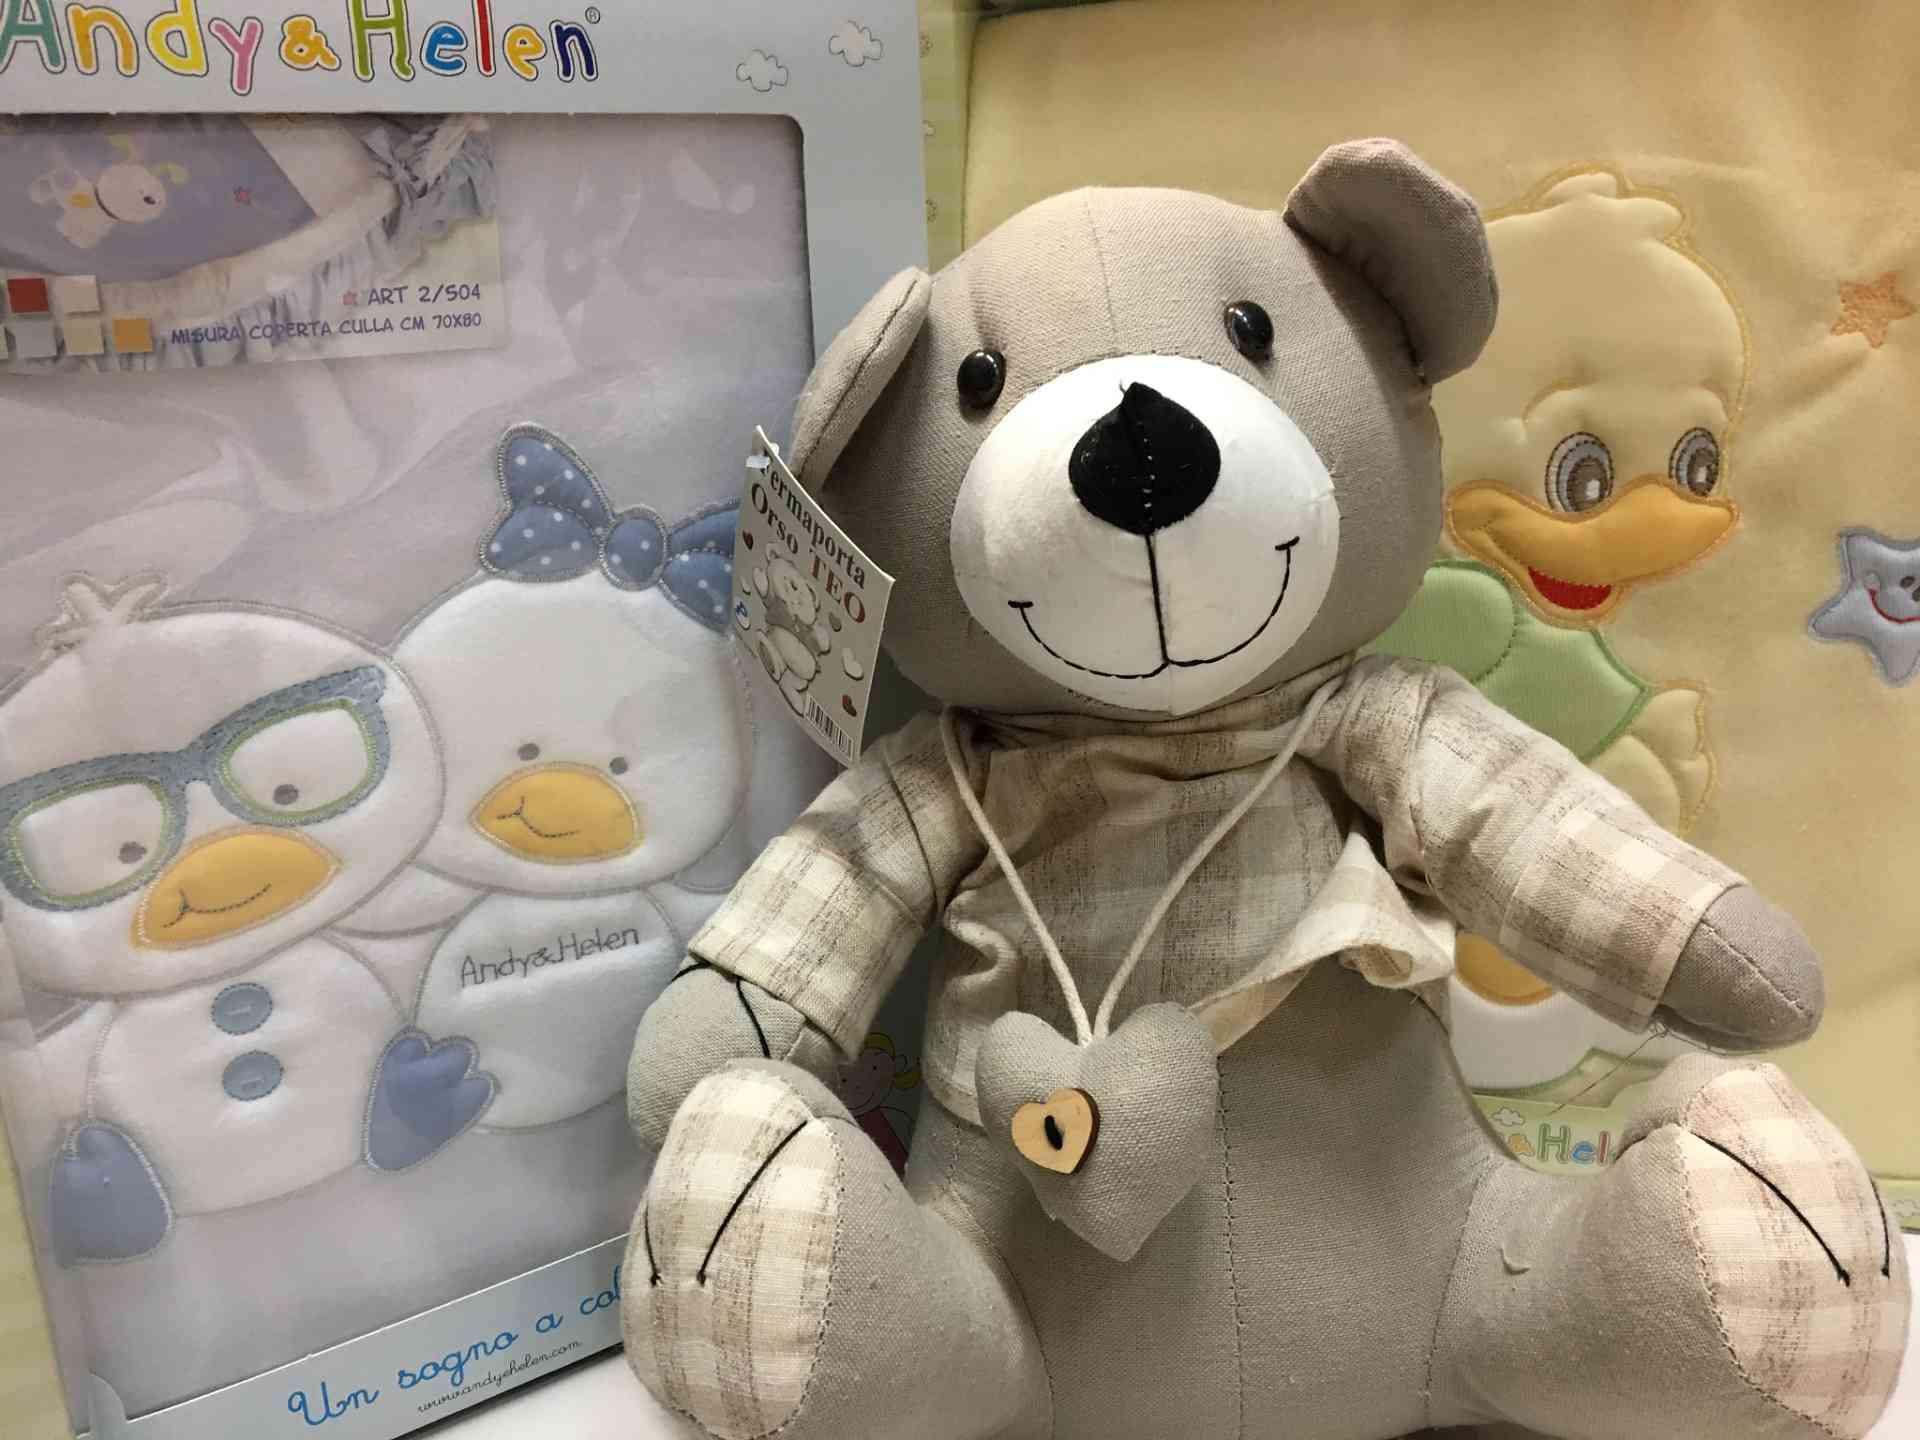 articoli-neonato-innamorati-tessuti-biancheria-assisi-foligno